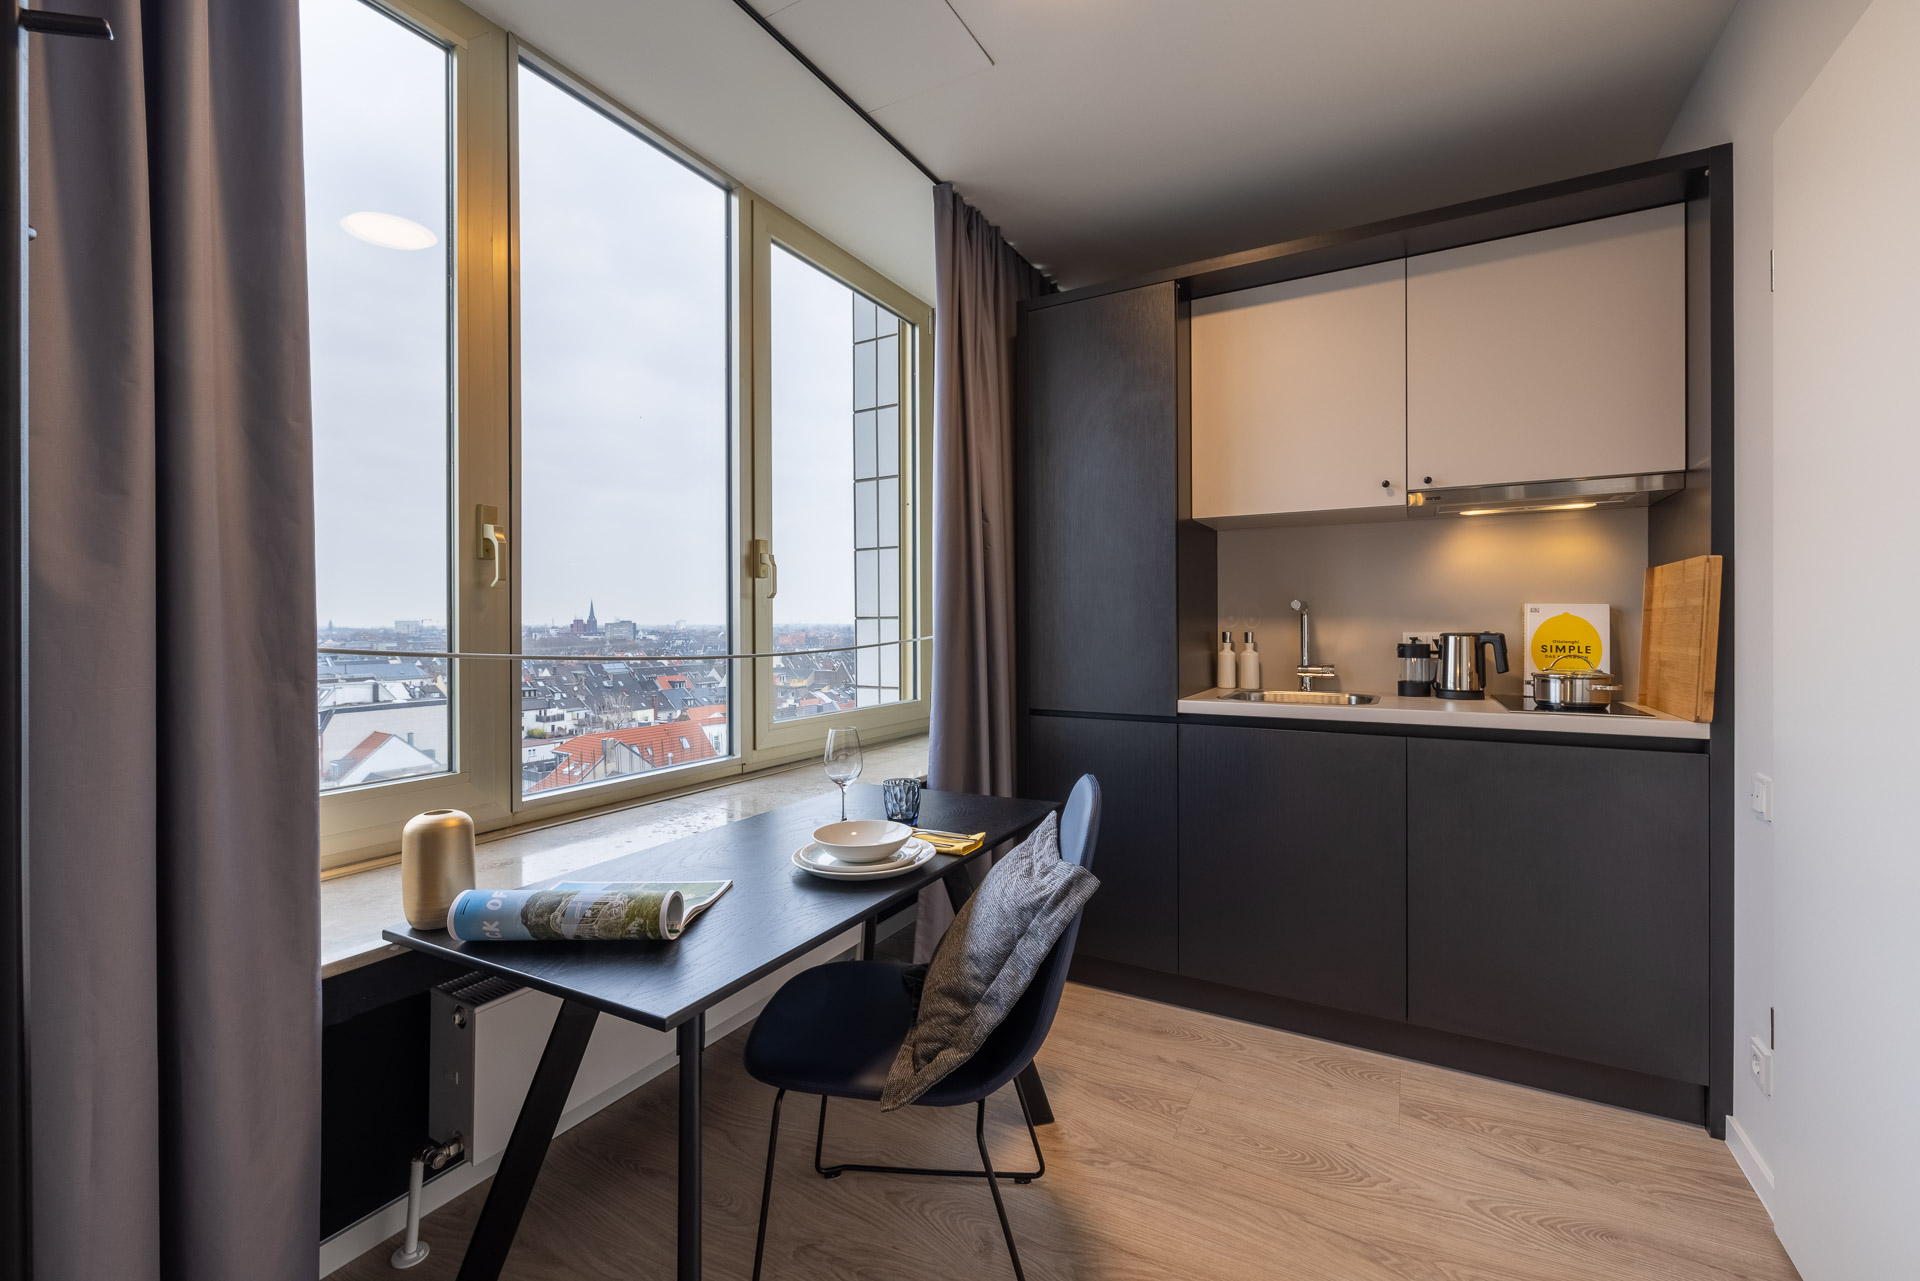 Schreibtisch mit Stuhl und Küche im Studio Apartment mit Skyline von Köln im Hintergrund